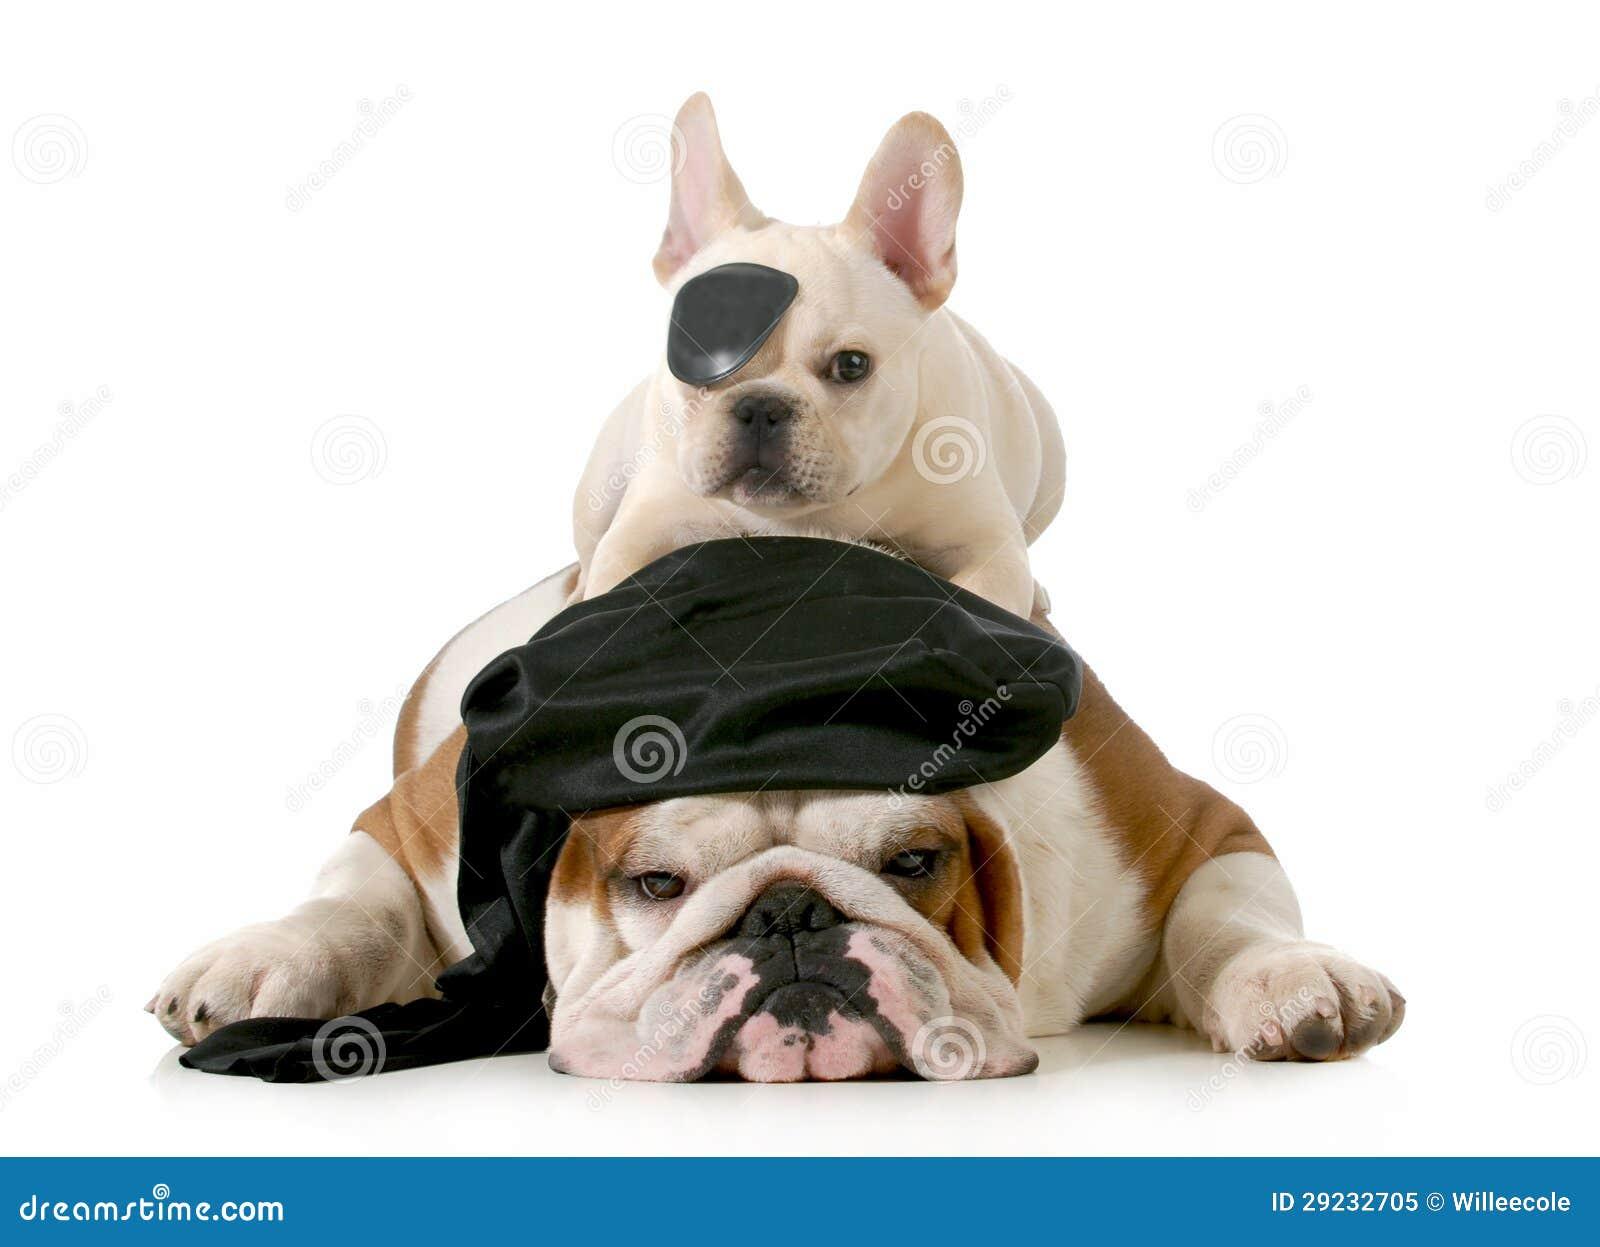 Download Cães do pirata imagem de stock. Imagem de preto, pirata - 29232705